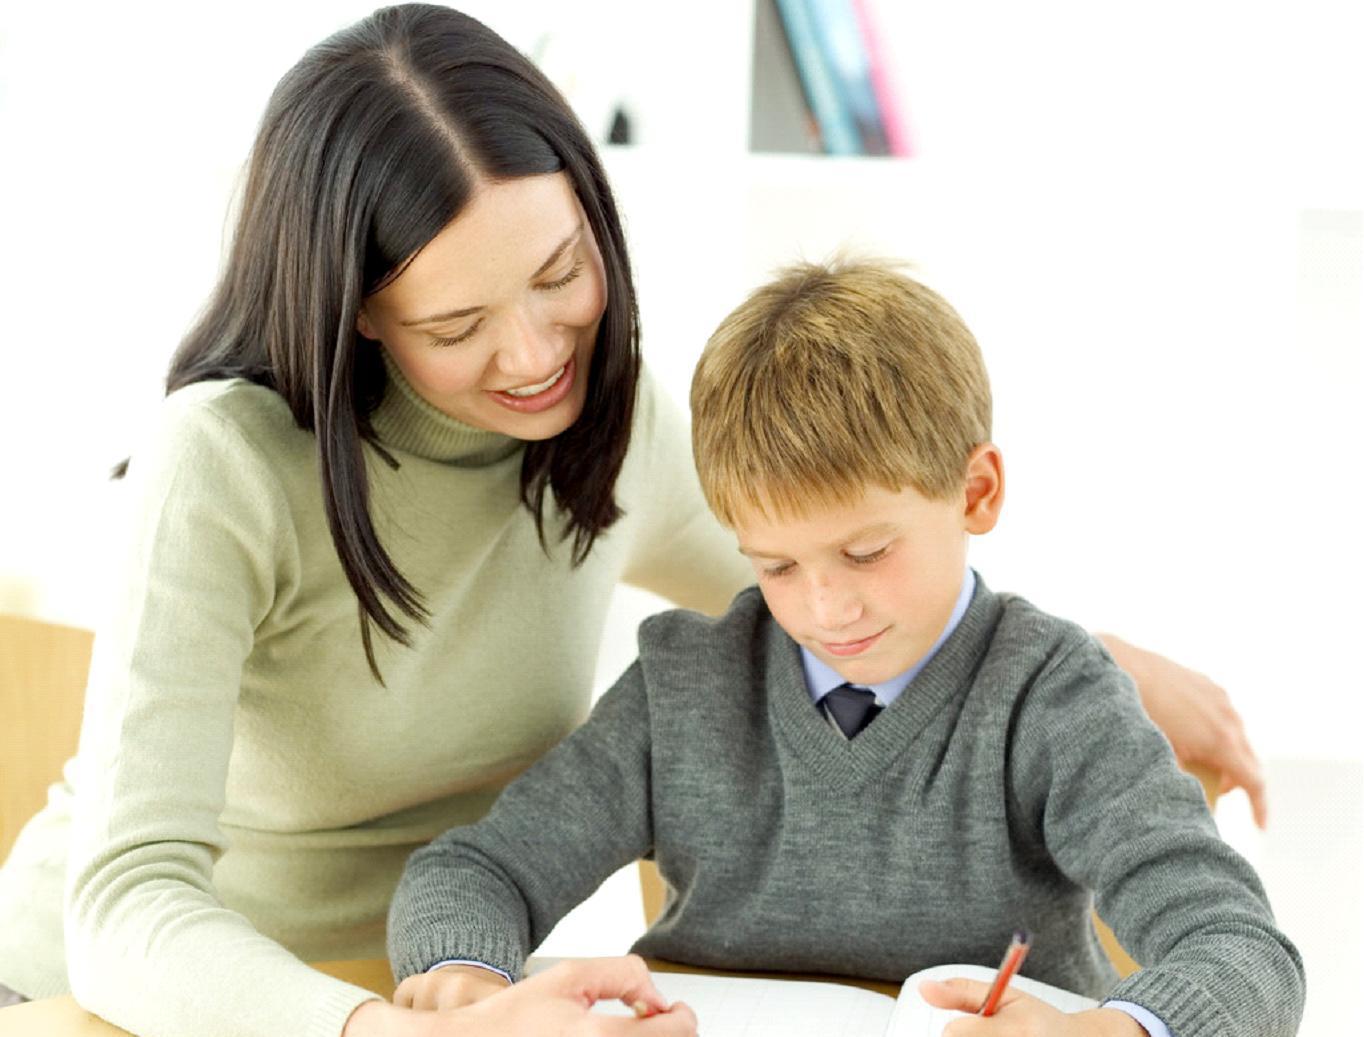 родители и ребенок картинки